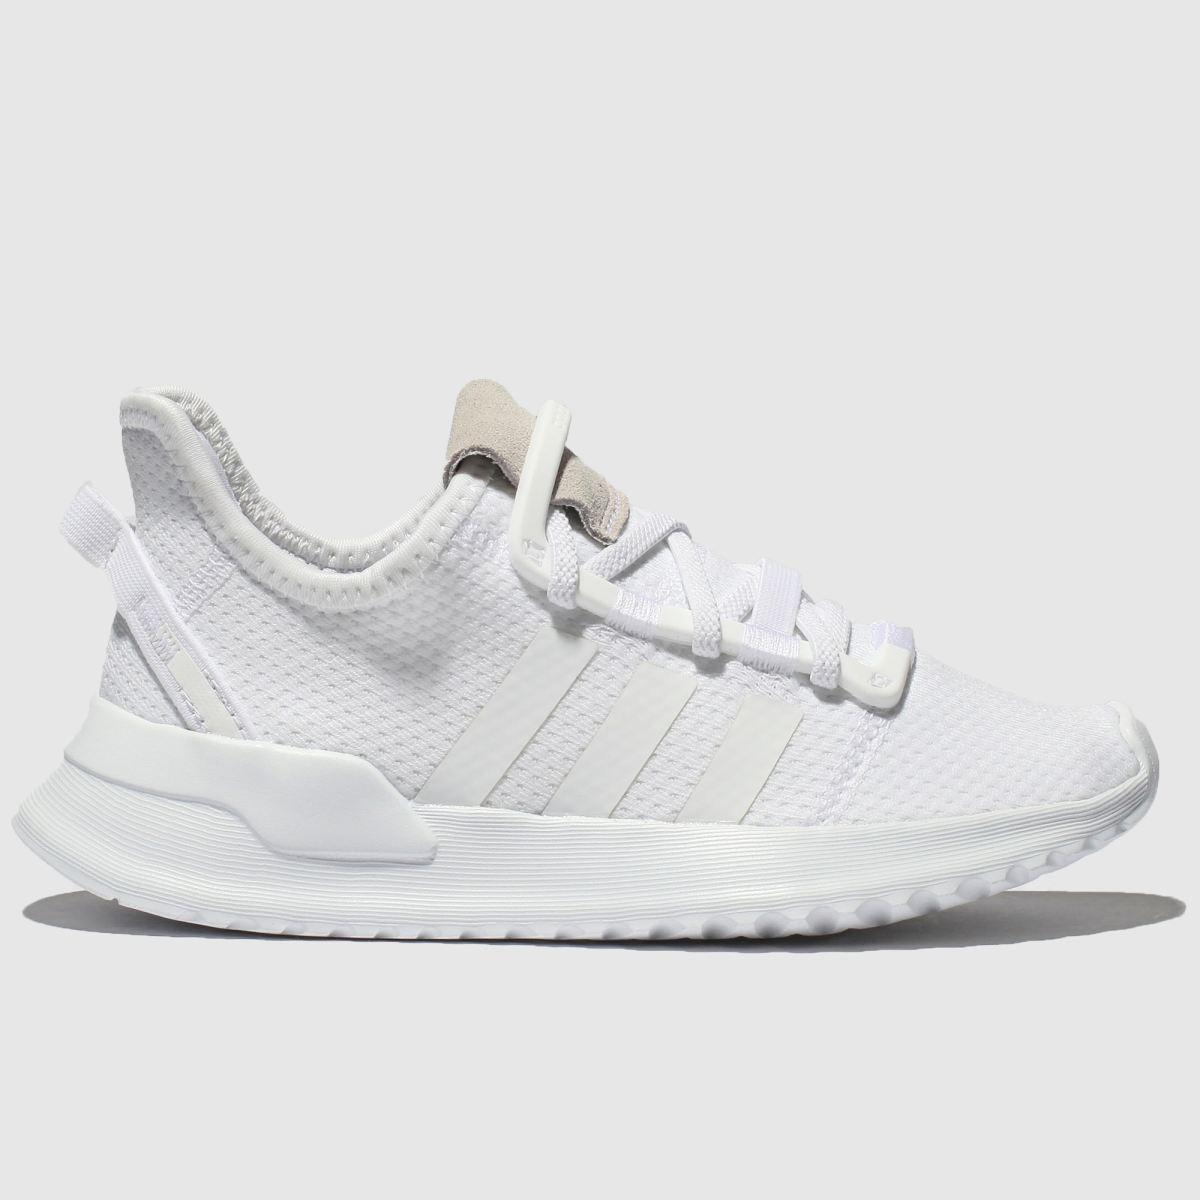 Adidas White Adi U_path Run Trainers Junior